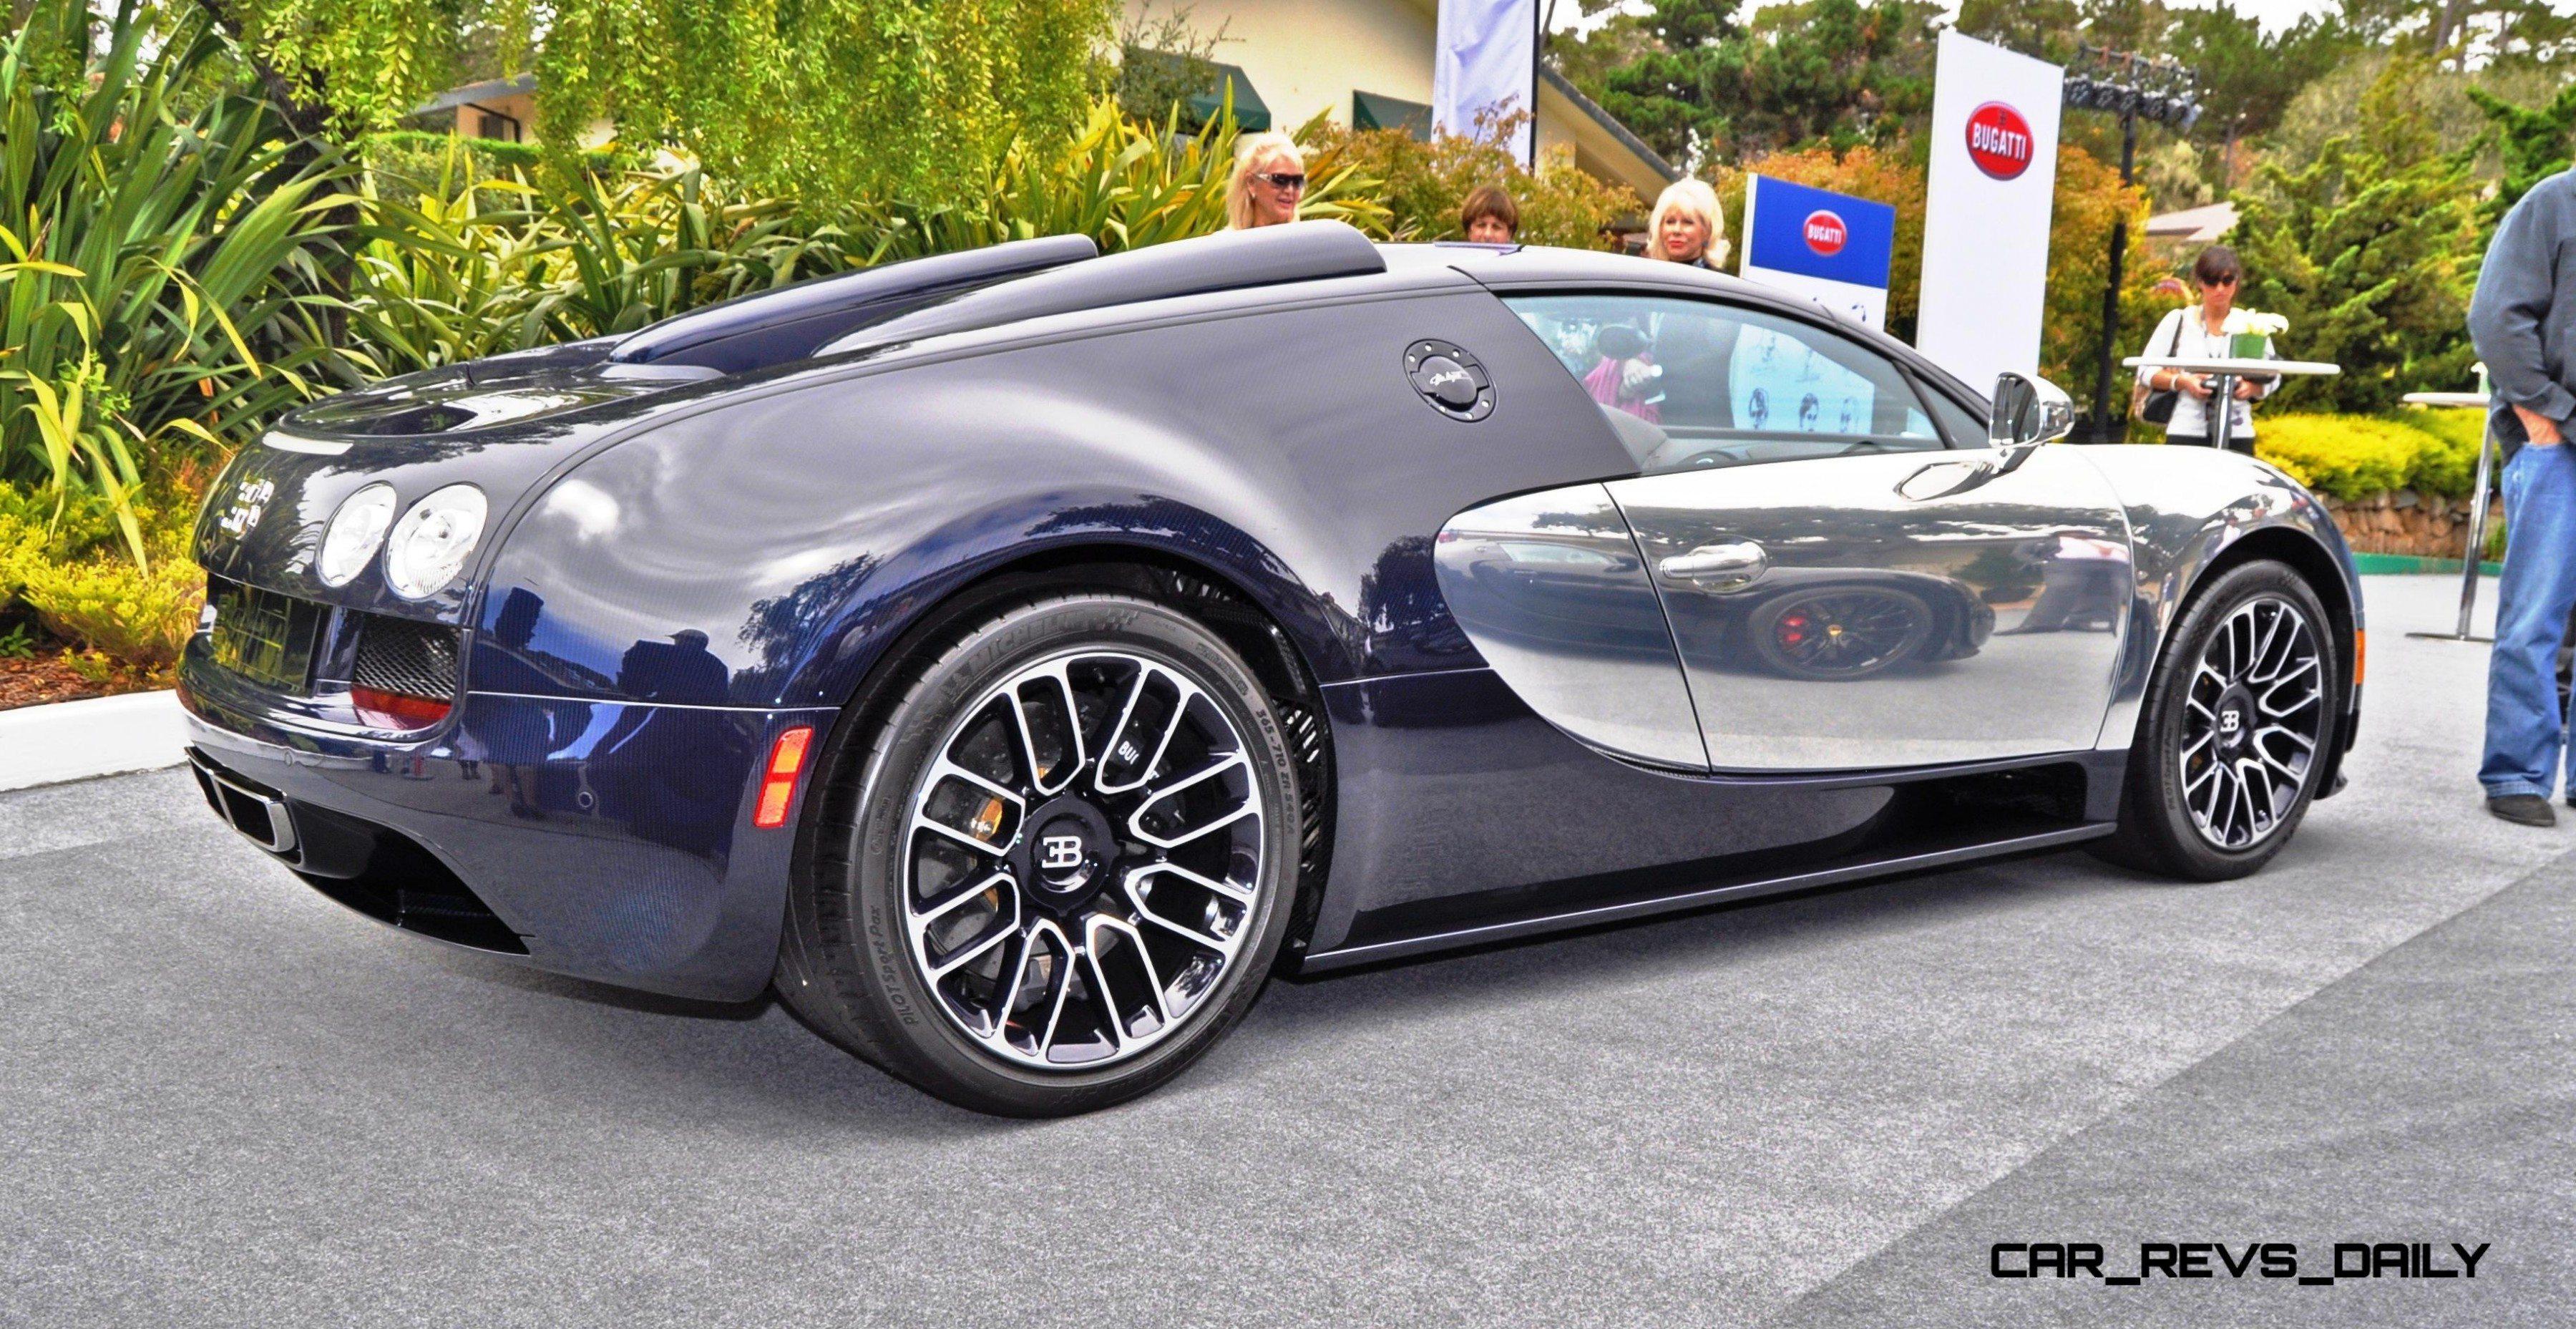 Exclusive 2014 Bugatti Veyron Legend Ettore Bugatti In 45